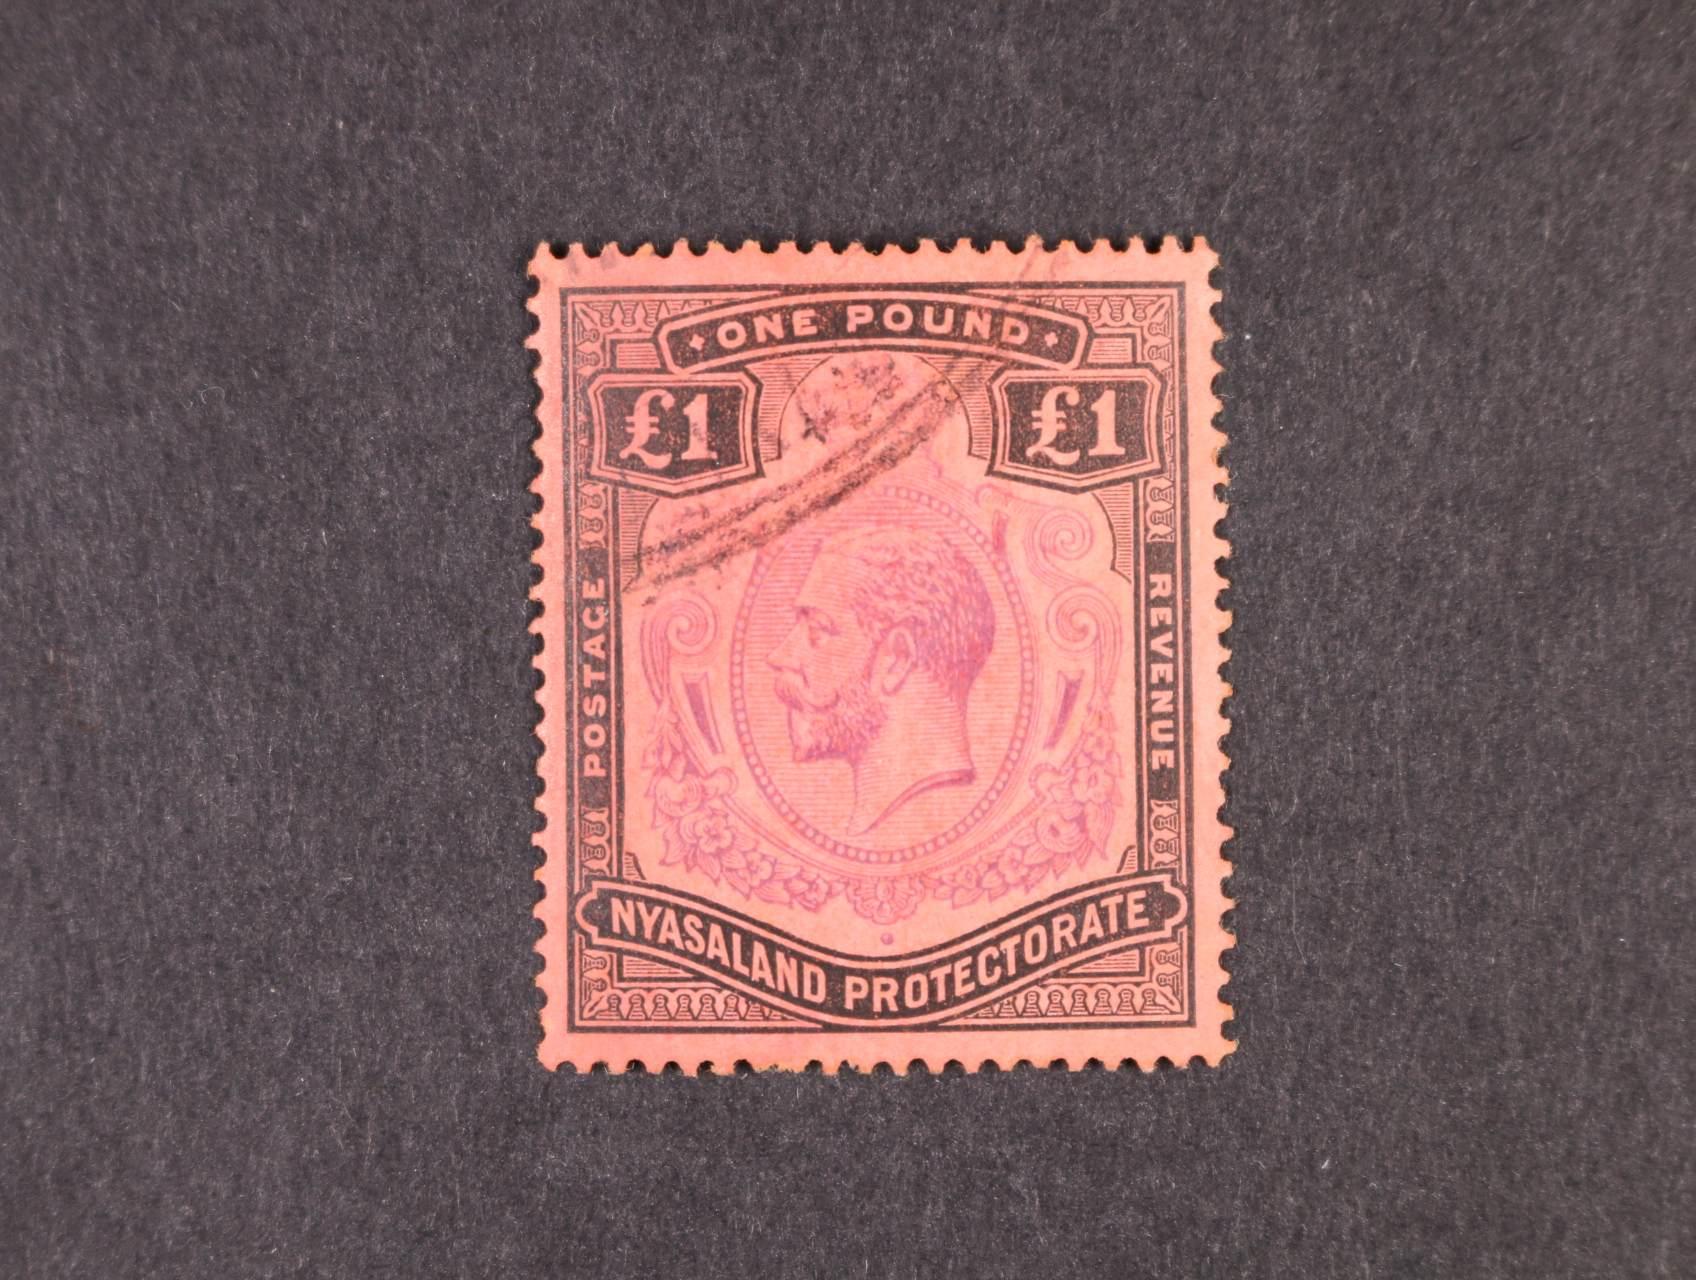 Nyasaland Protectorate - zn. Mi. č. 22, 220 EUR